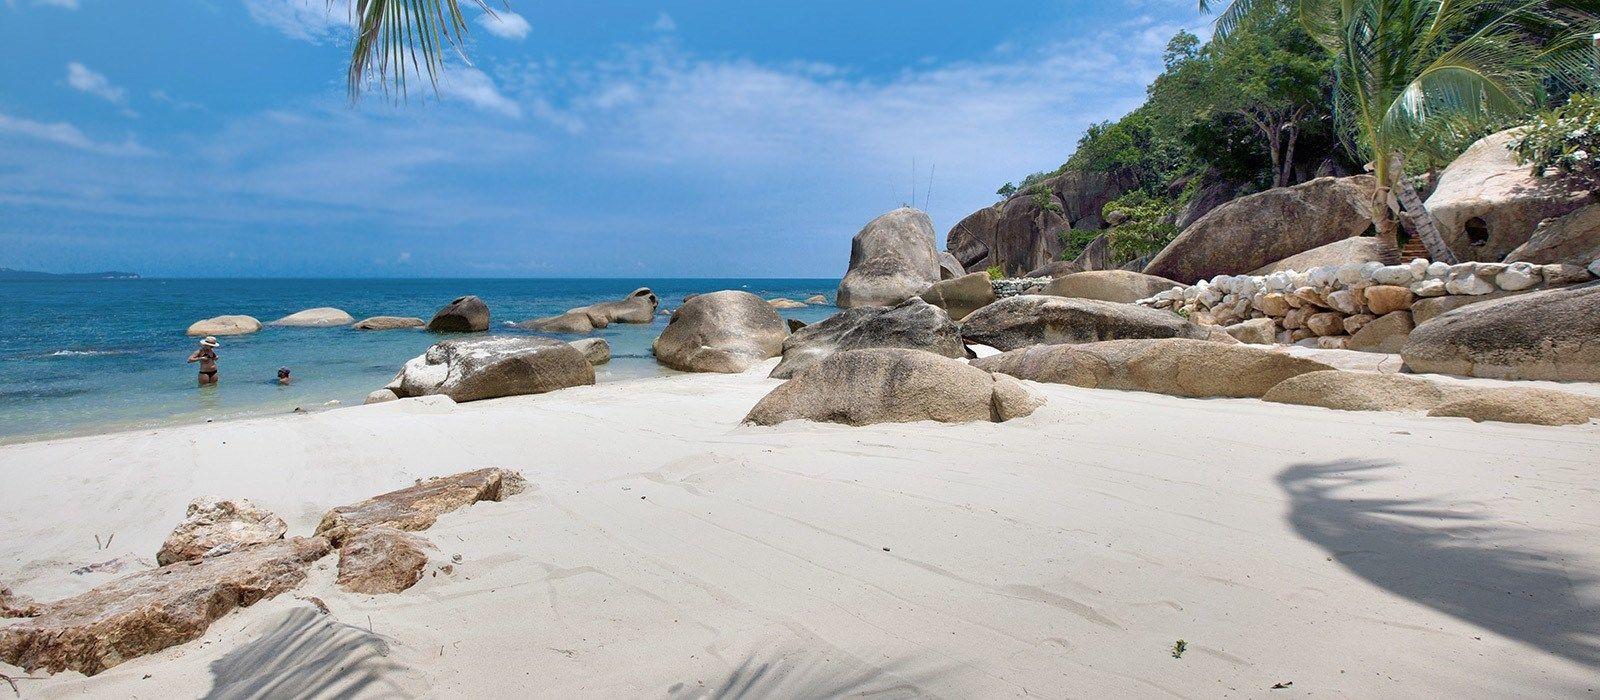 Historic Japan and Koh Samui Beach Escape Tour Trip 7